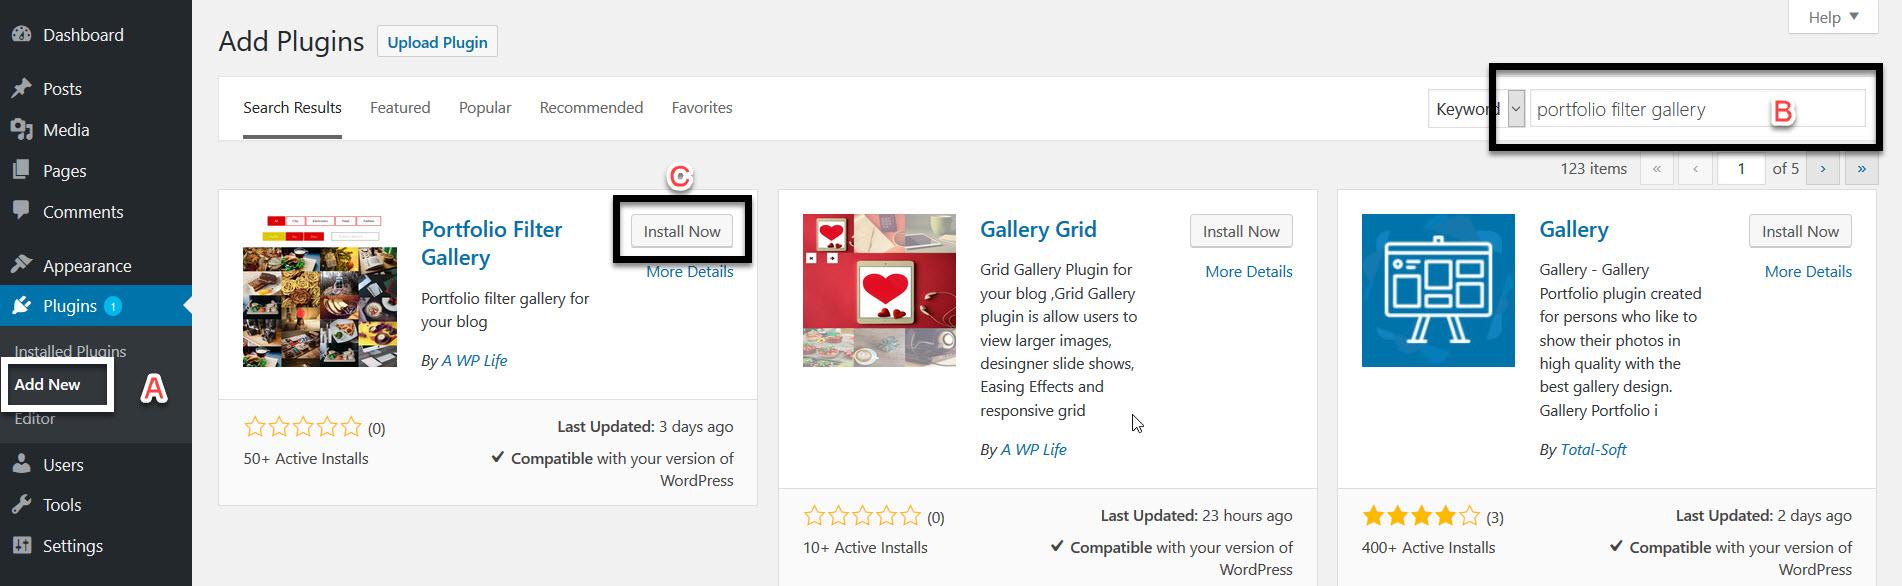 Portfolio Filter Gallery Plugin Download & Installation